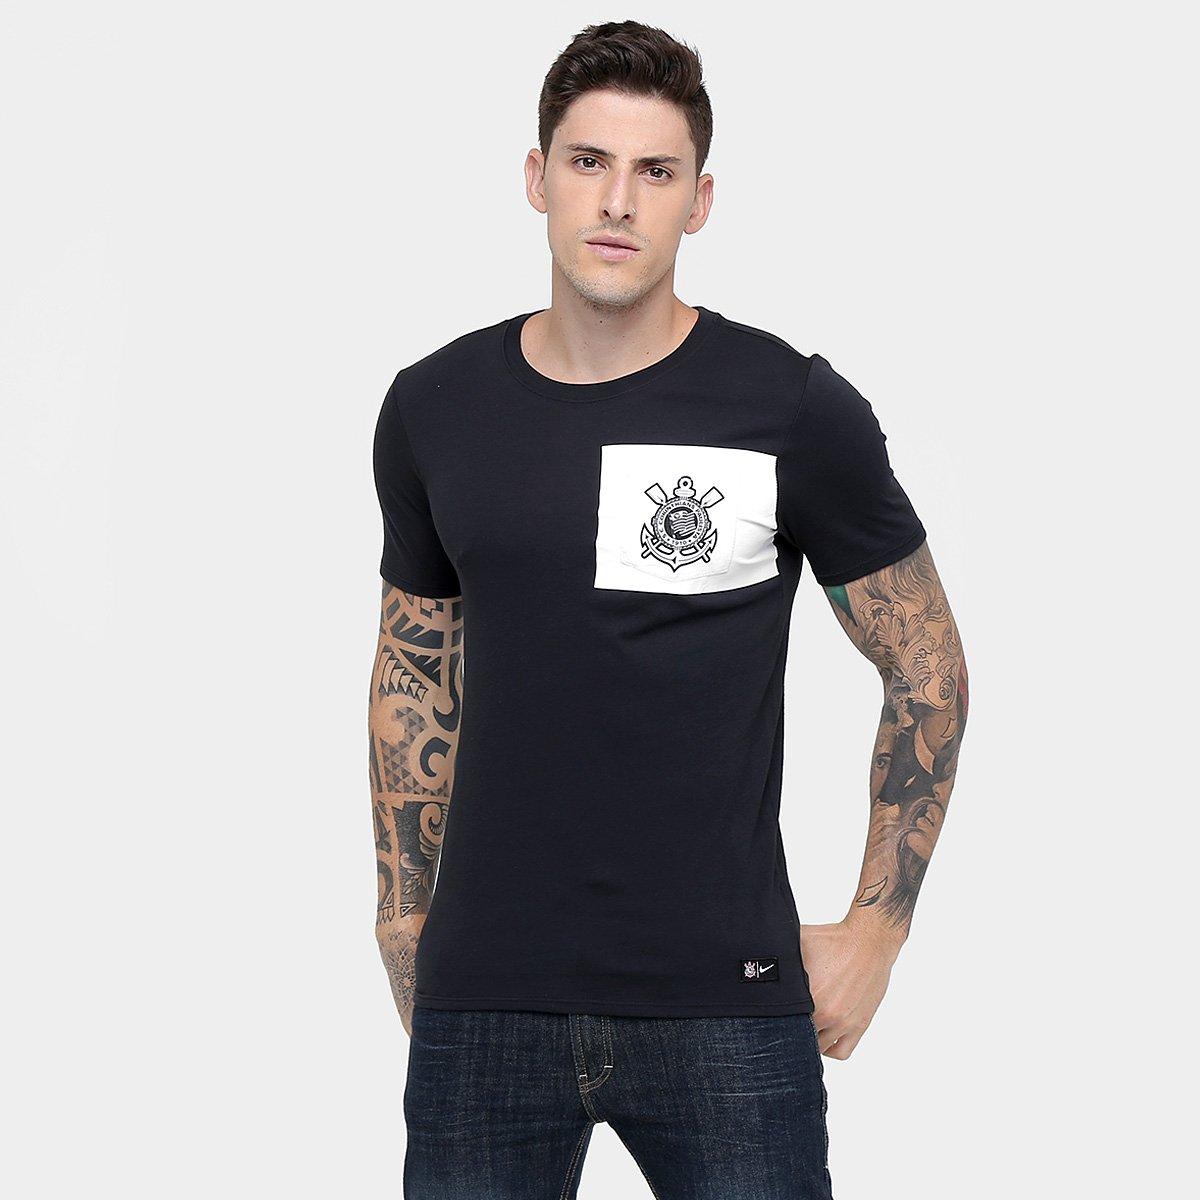 75e667a8cc Camiseta Corinthians Nike Masculina